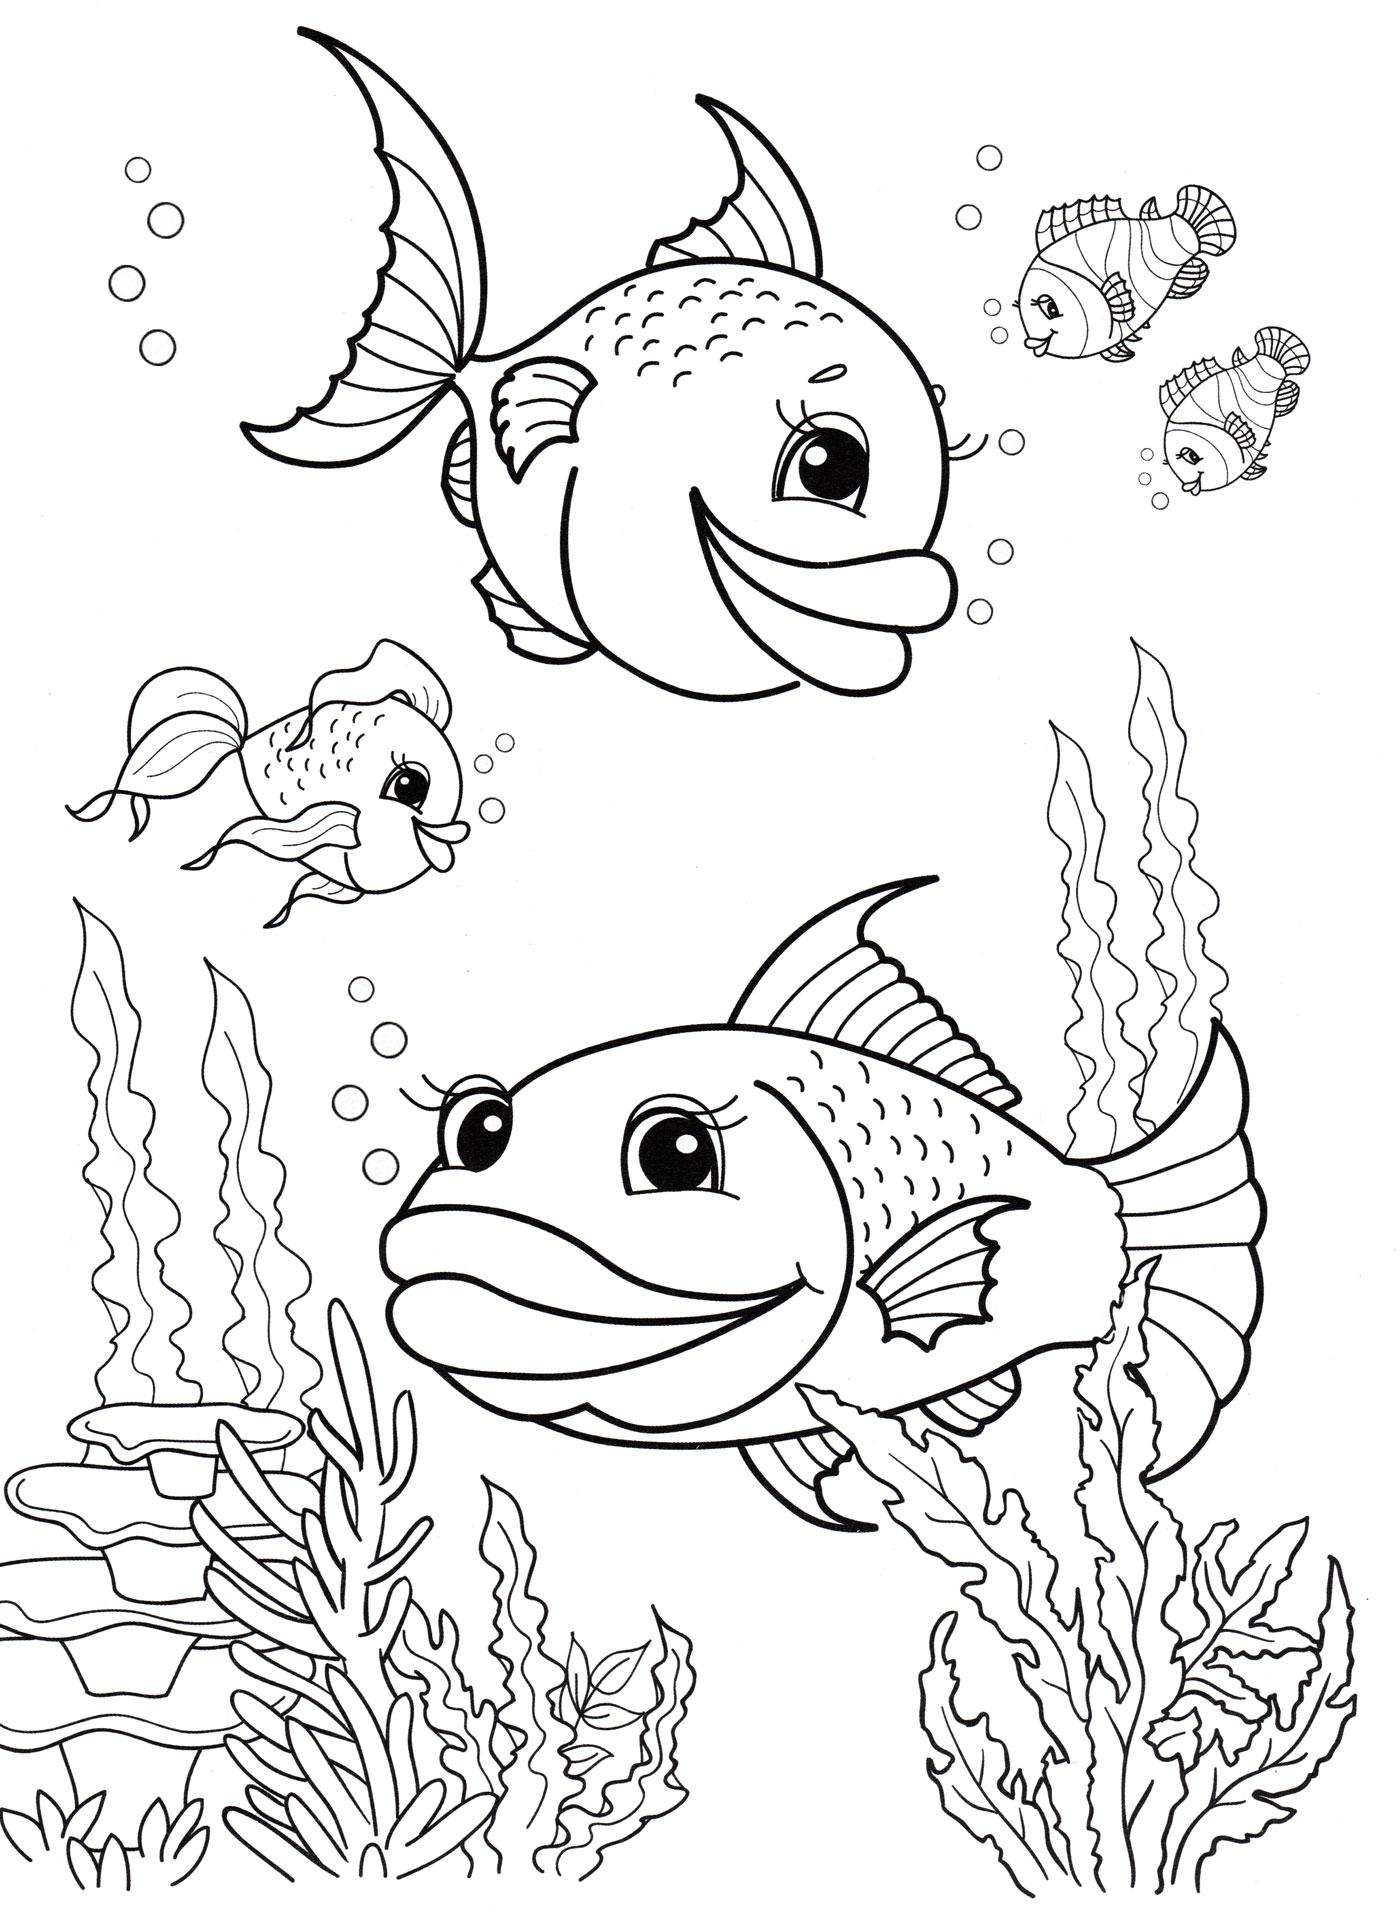 Раскраска Рыбы плавают в море - распечатать бесплатно